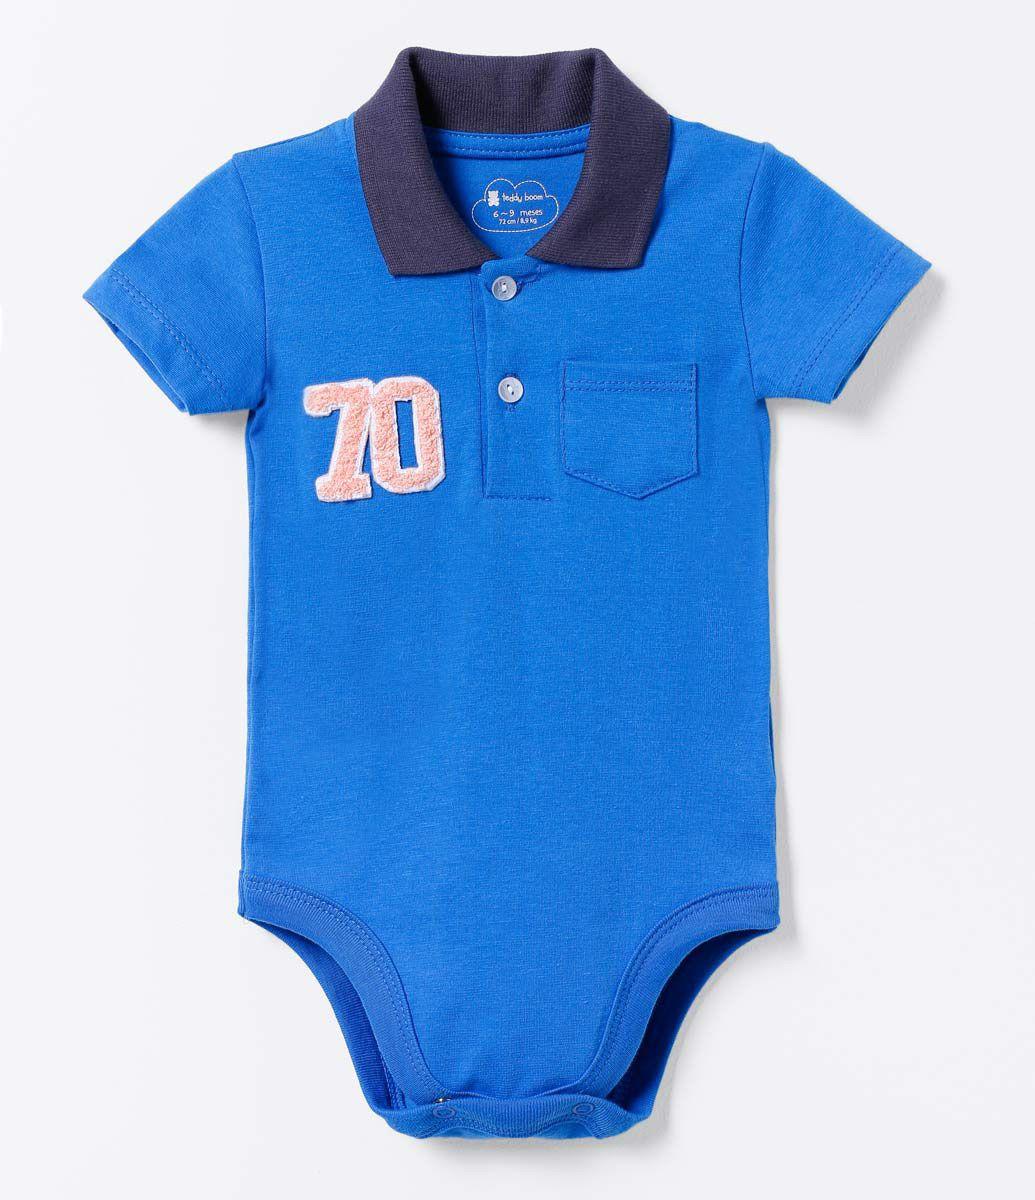 Body Infantil com Aplicação - Tam 0 a 18 meses - Lojas Renner